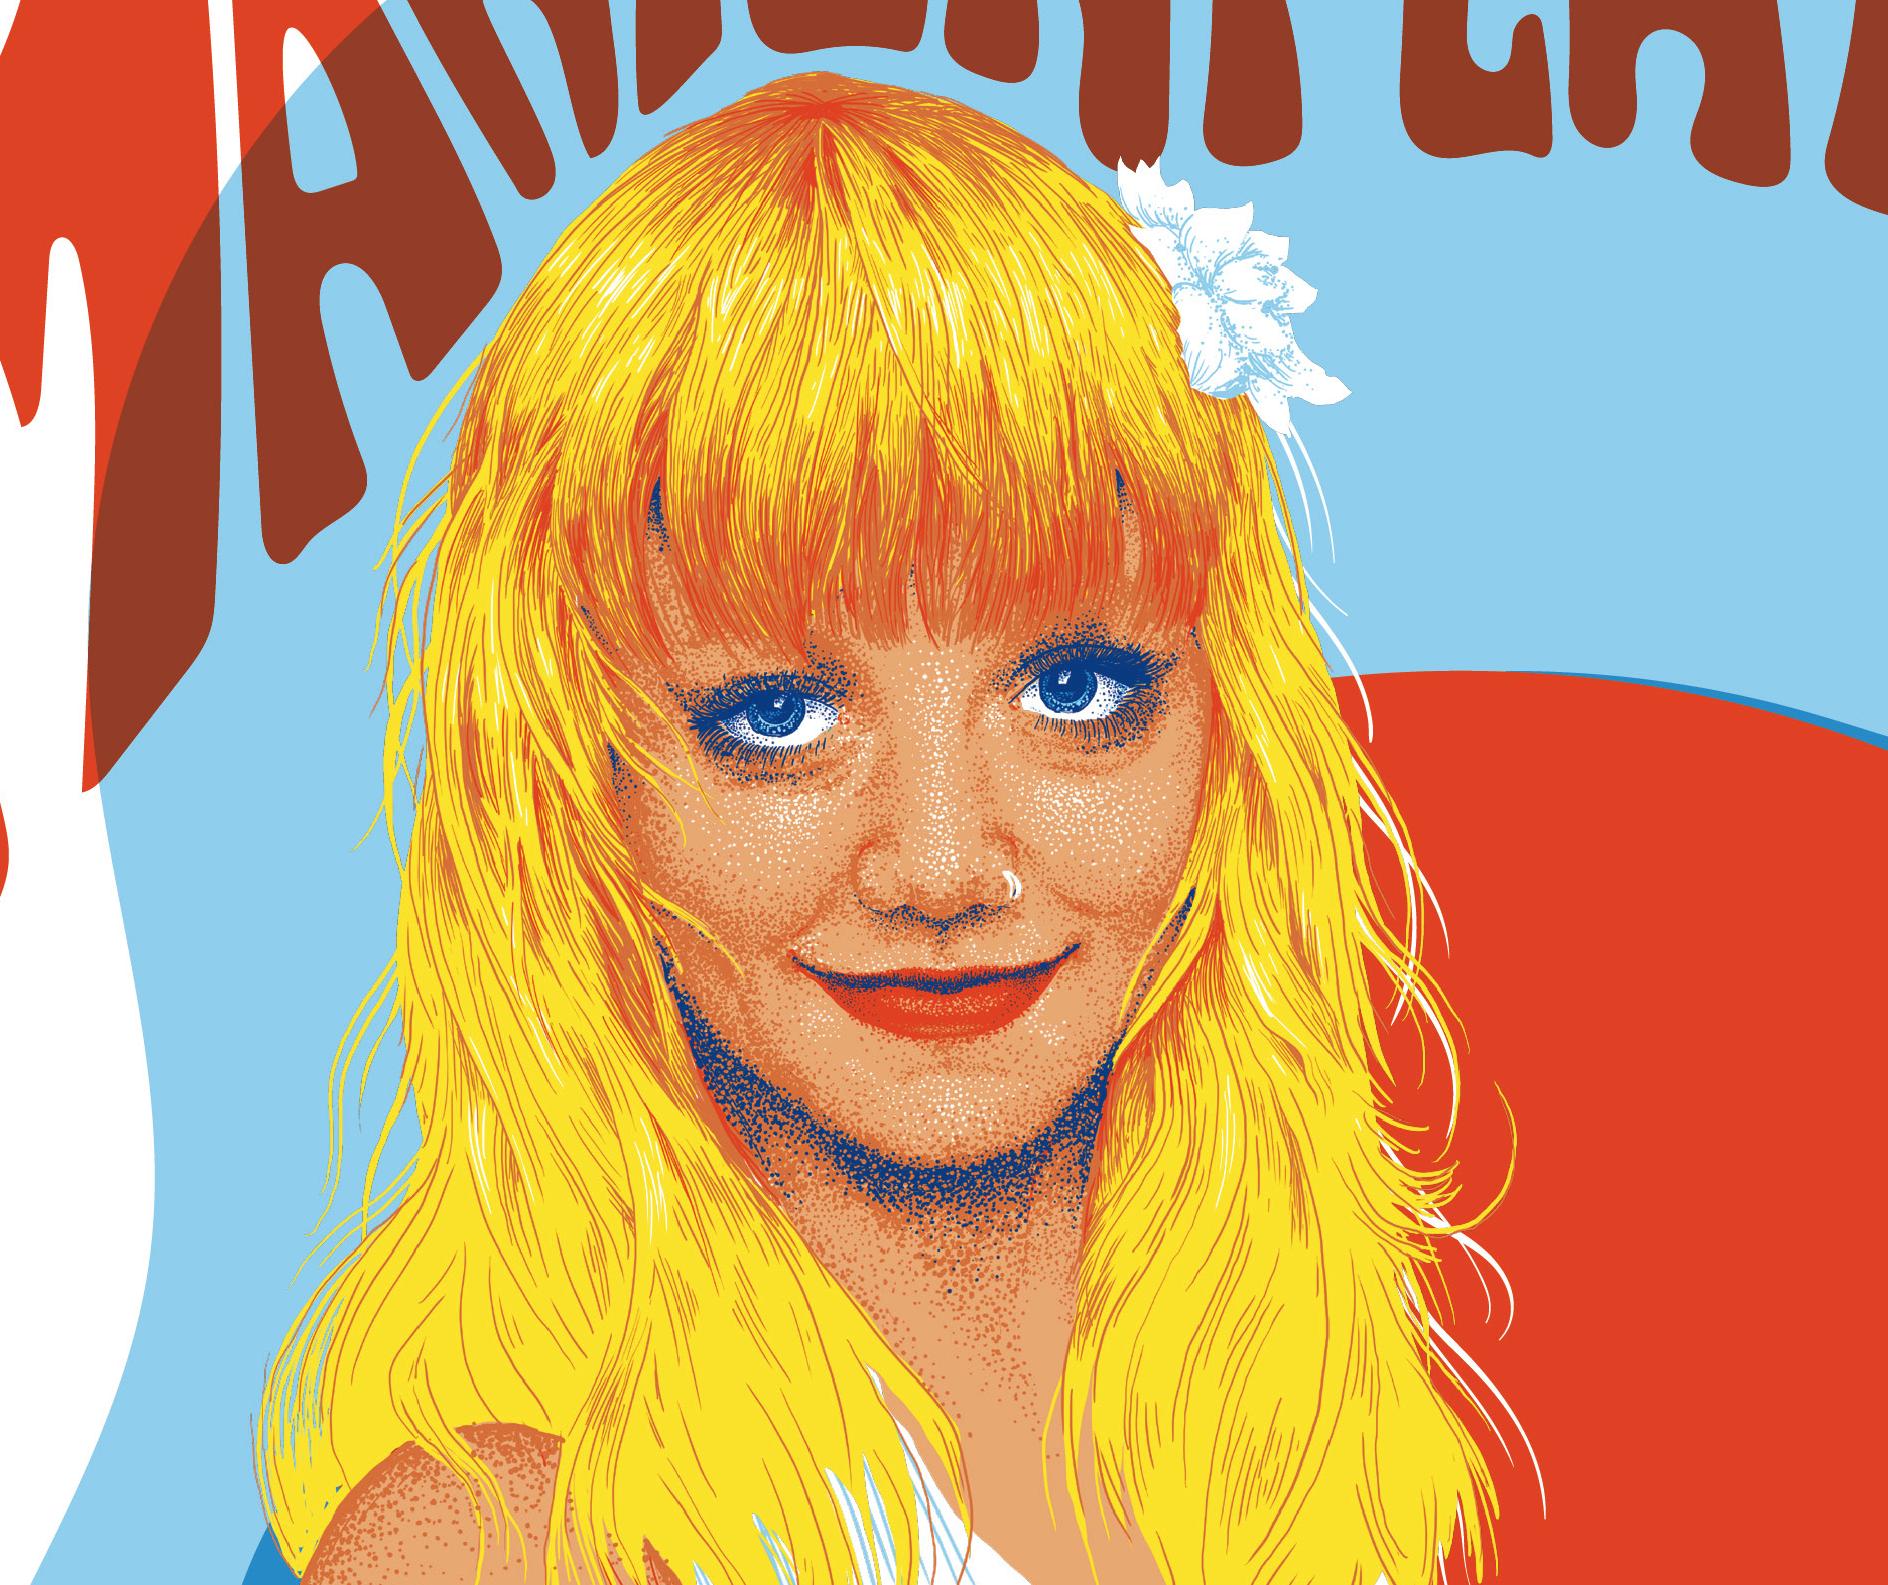 Kleon Medugorac Marienplatz Fest Poster 2015